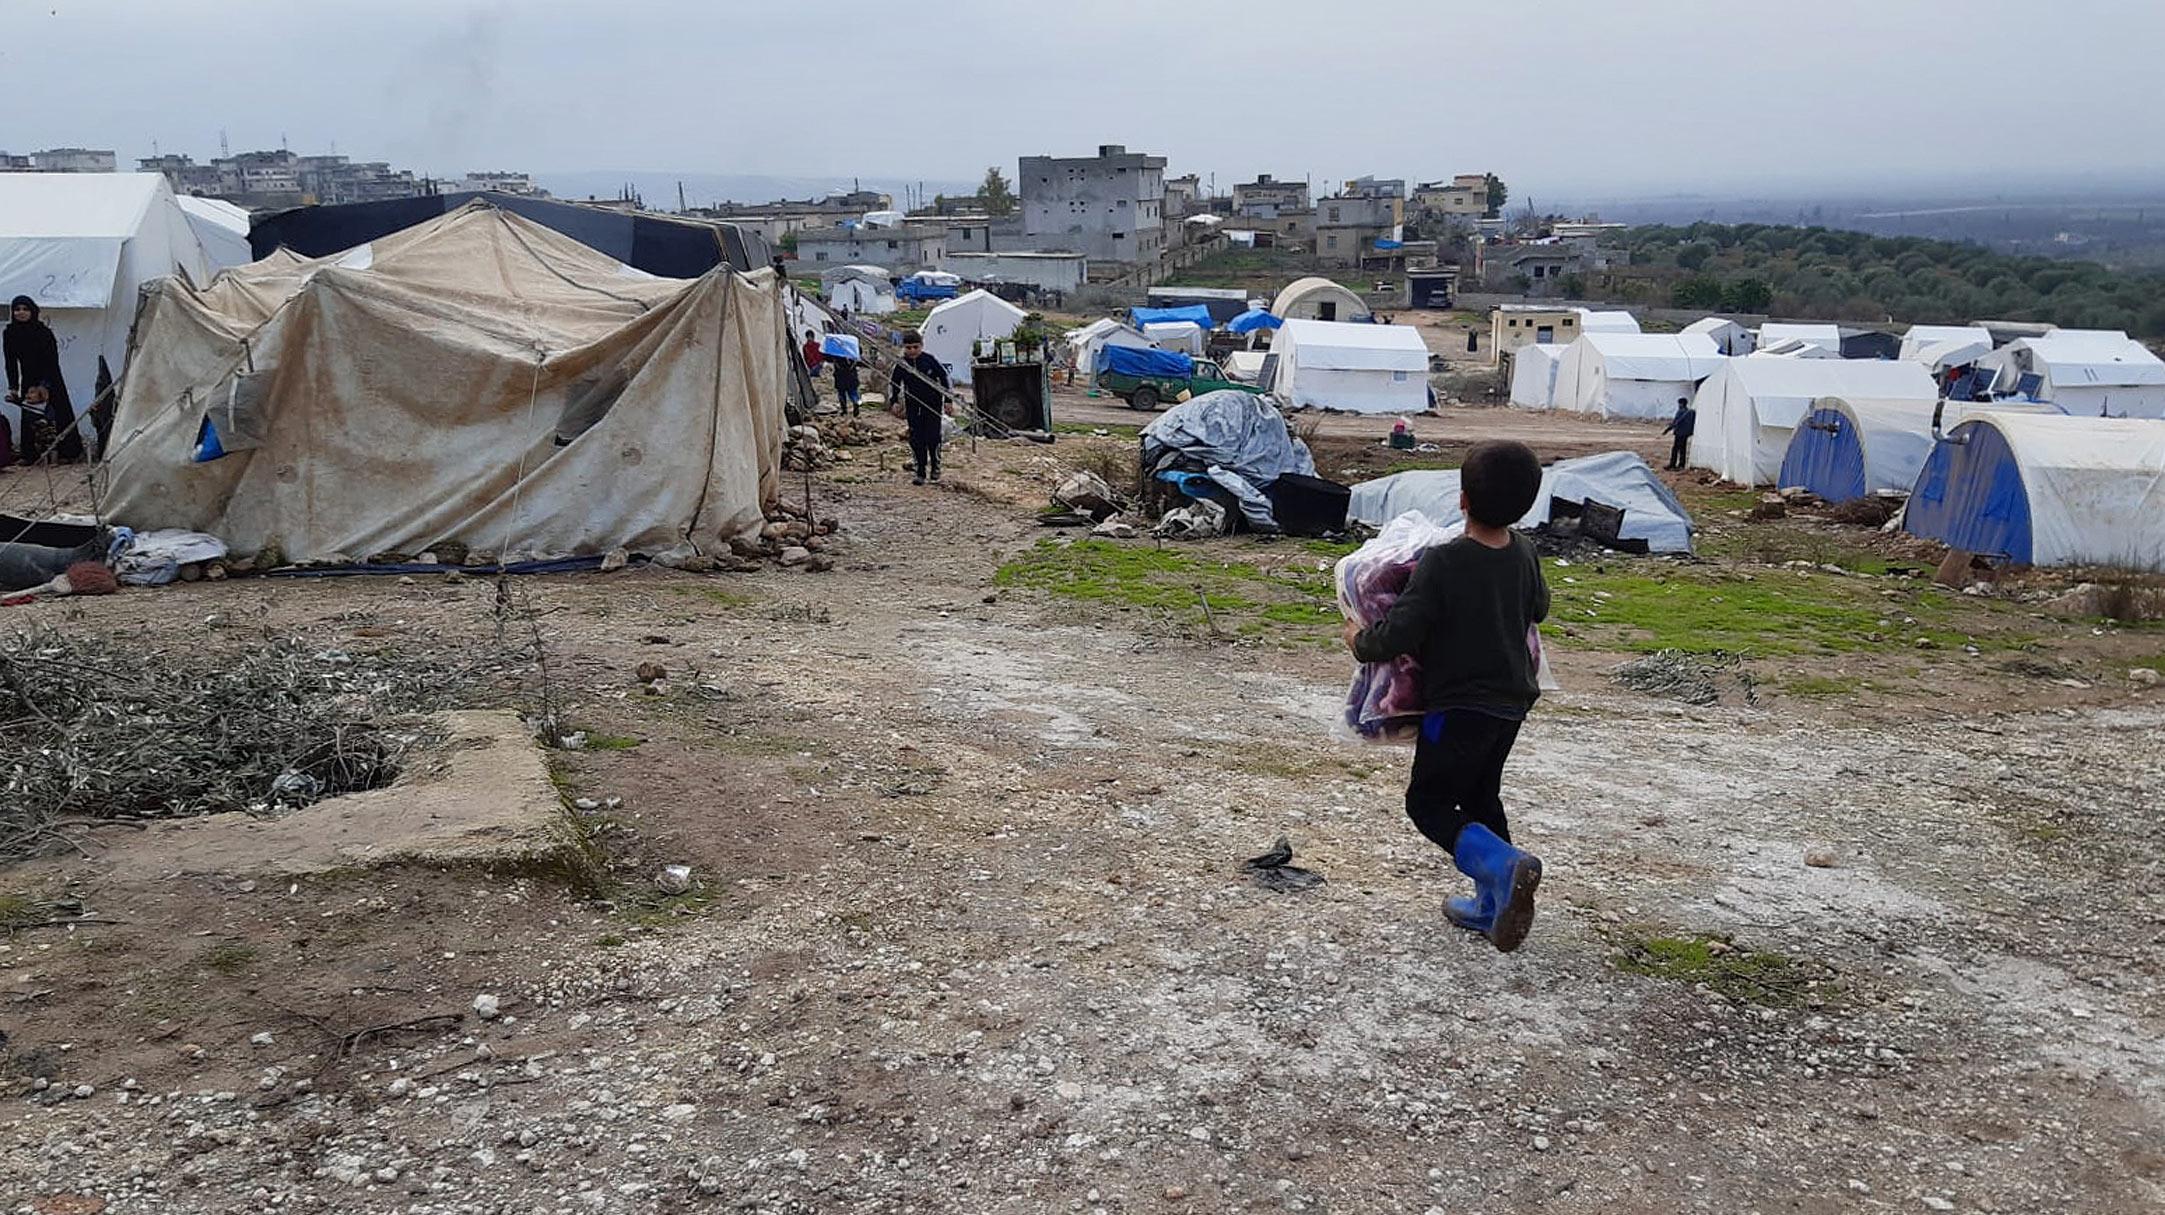 Siria: migliaia di sfollati in condizioni critiiche al freddo